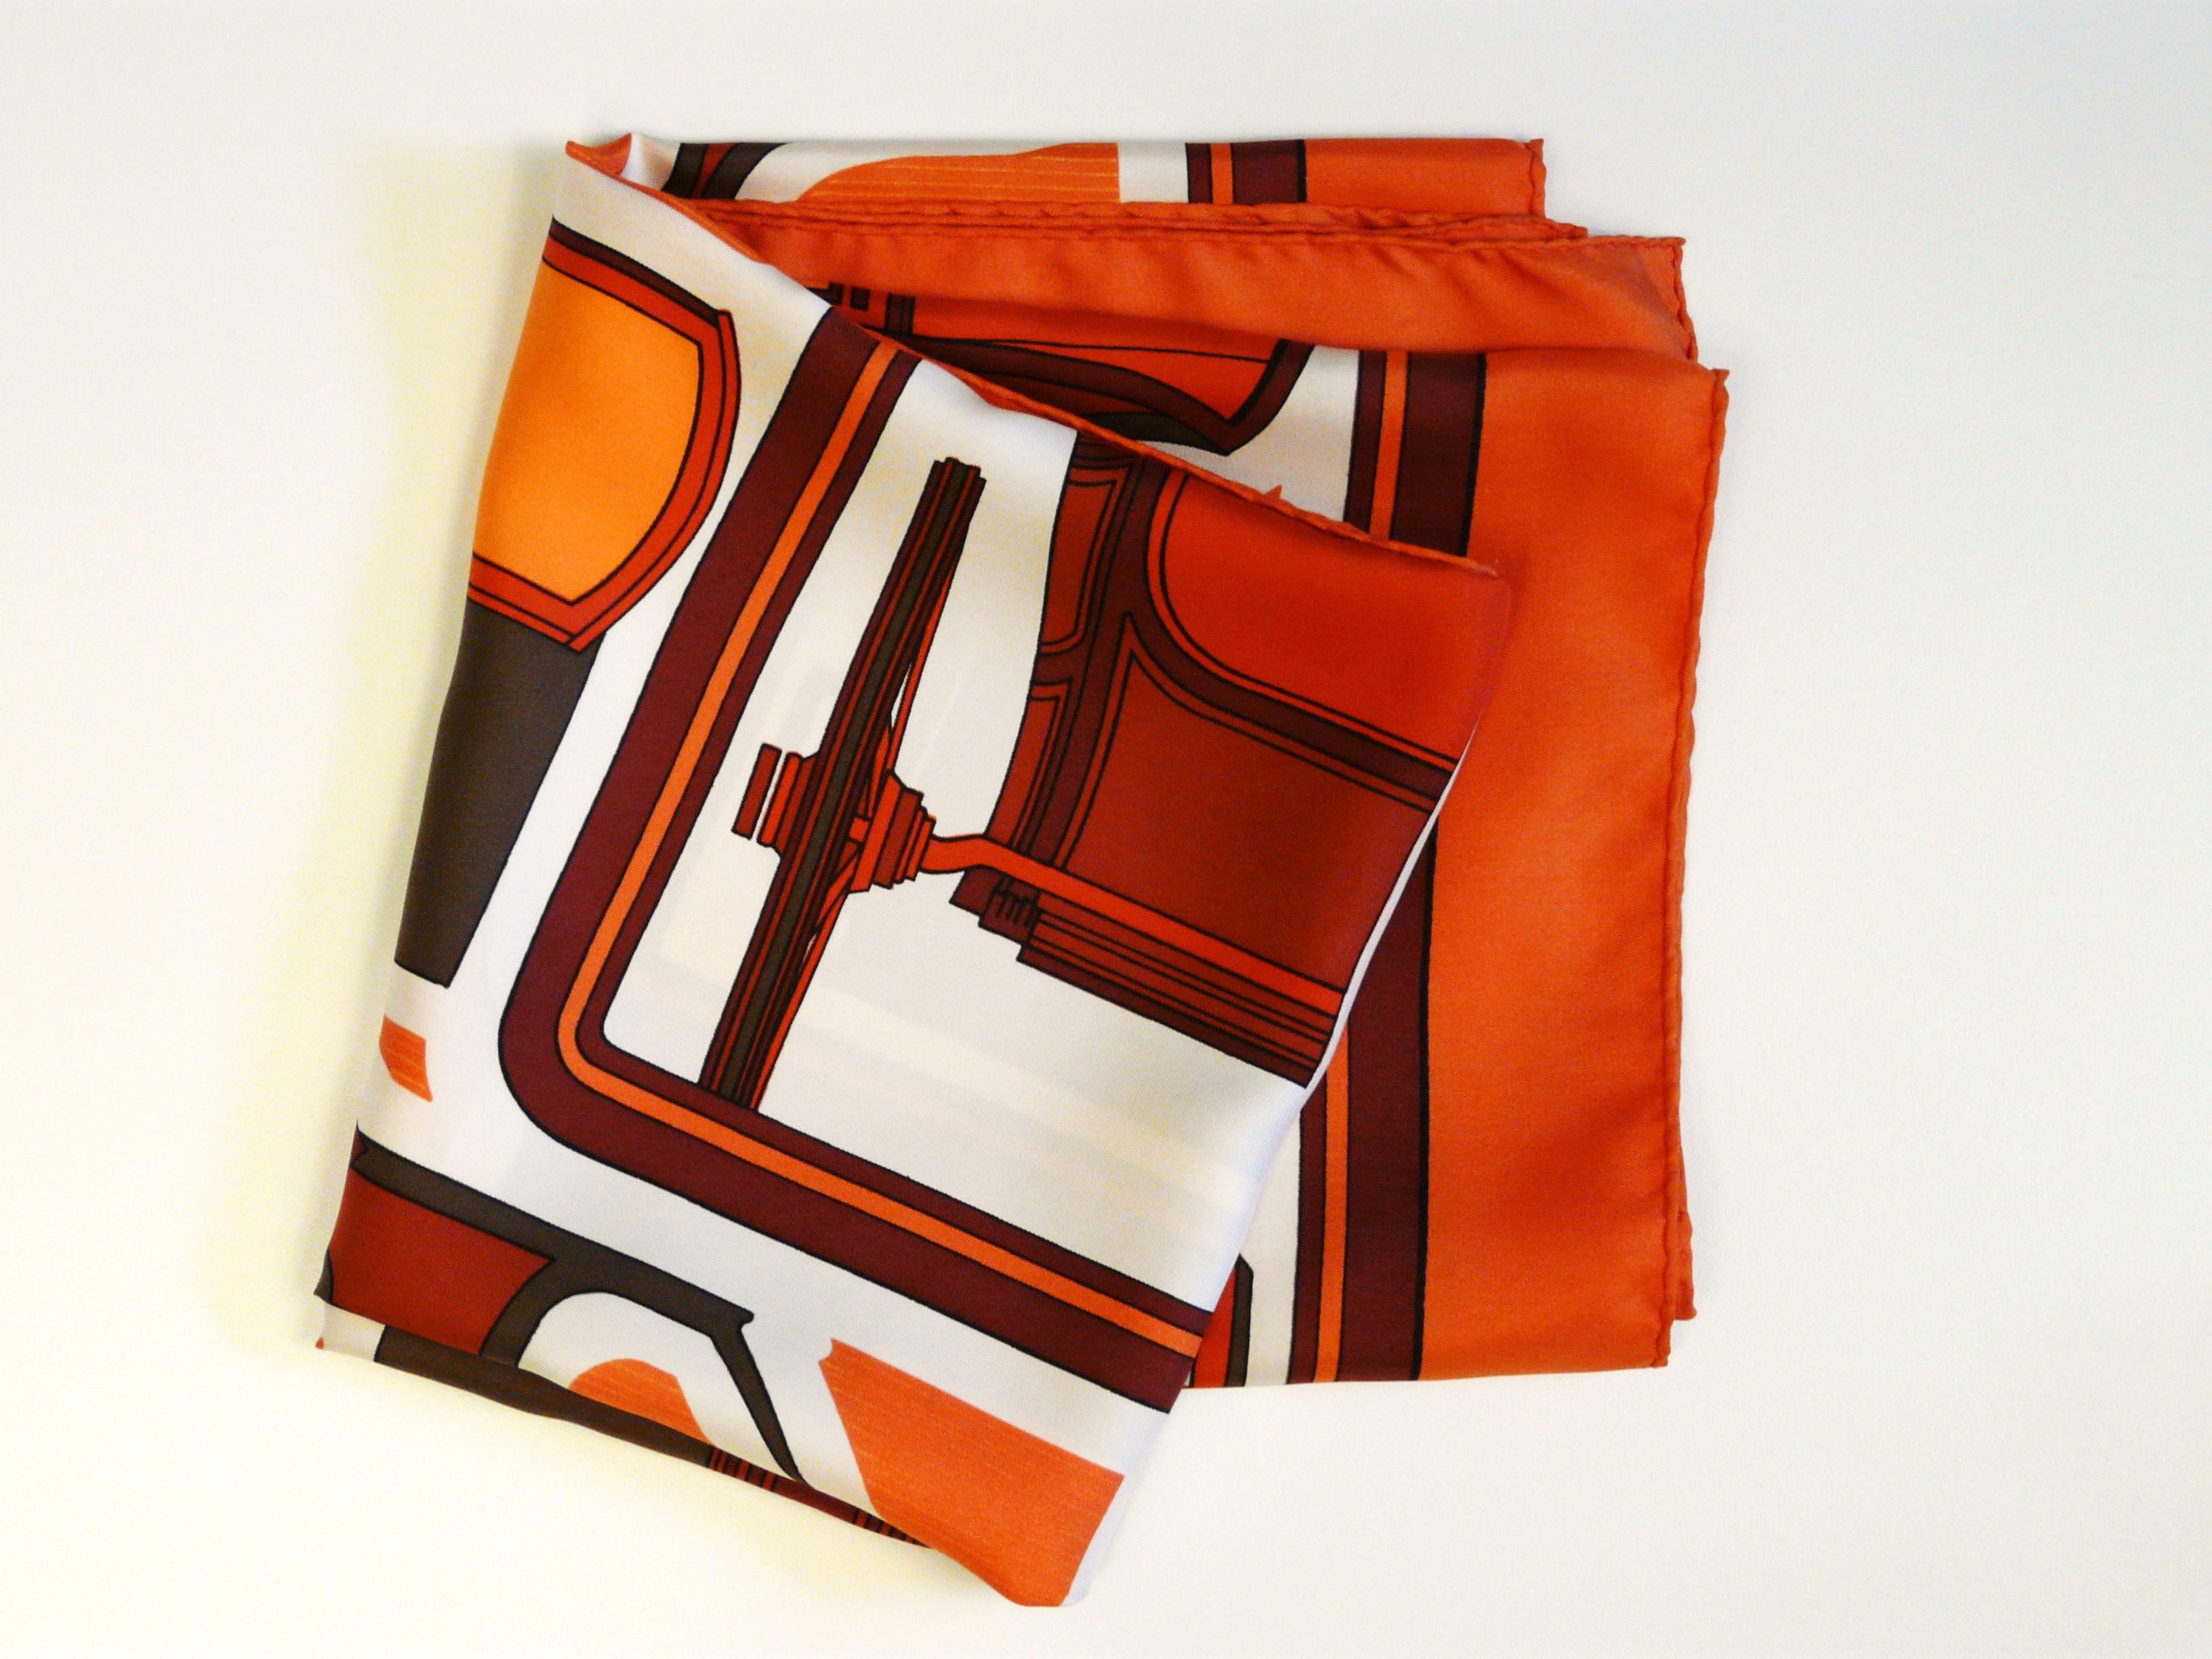 Hermes Silk Scarf Les Coupes in Hermes Orange and Brown, Françoise de la Perrière, 1971